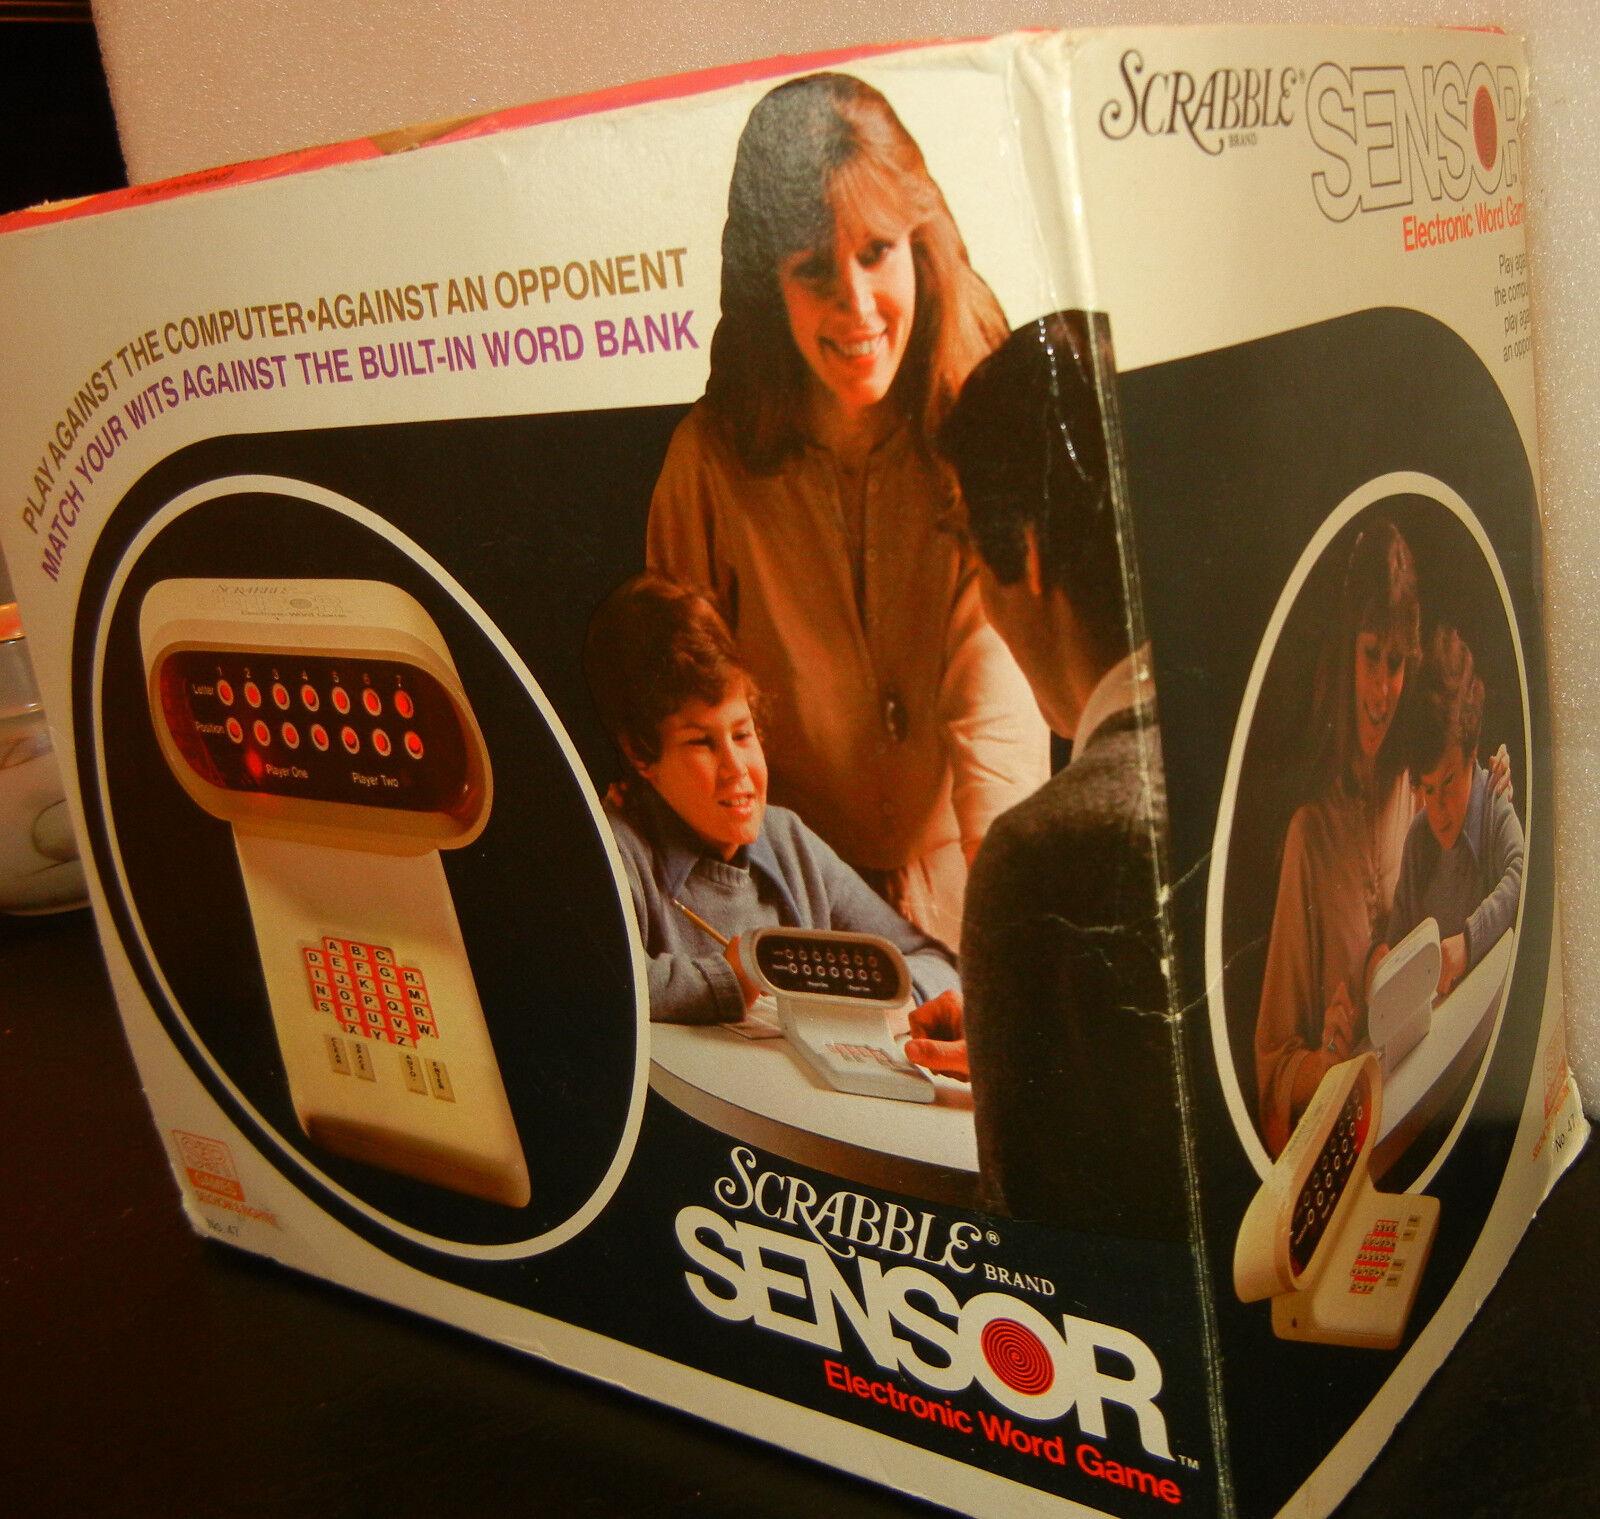 1978 incroyablement Rares Collectionneurs Vintage Scrabble capteur électronique Mot Jeu En parfait état, sous emballage